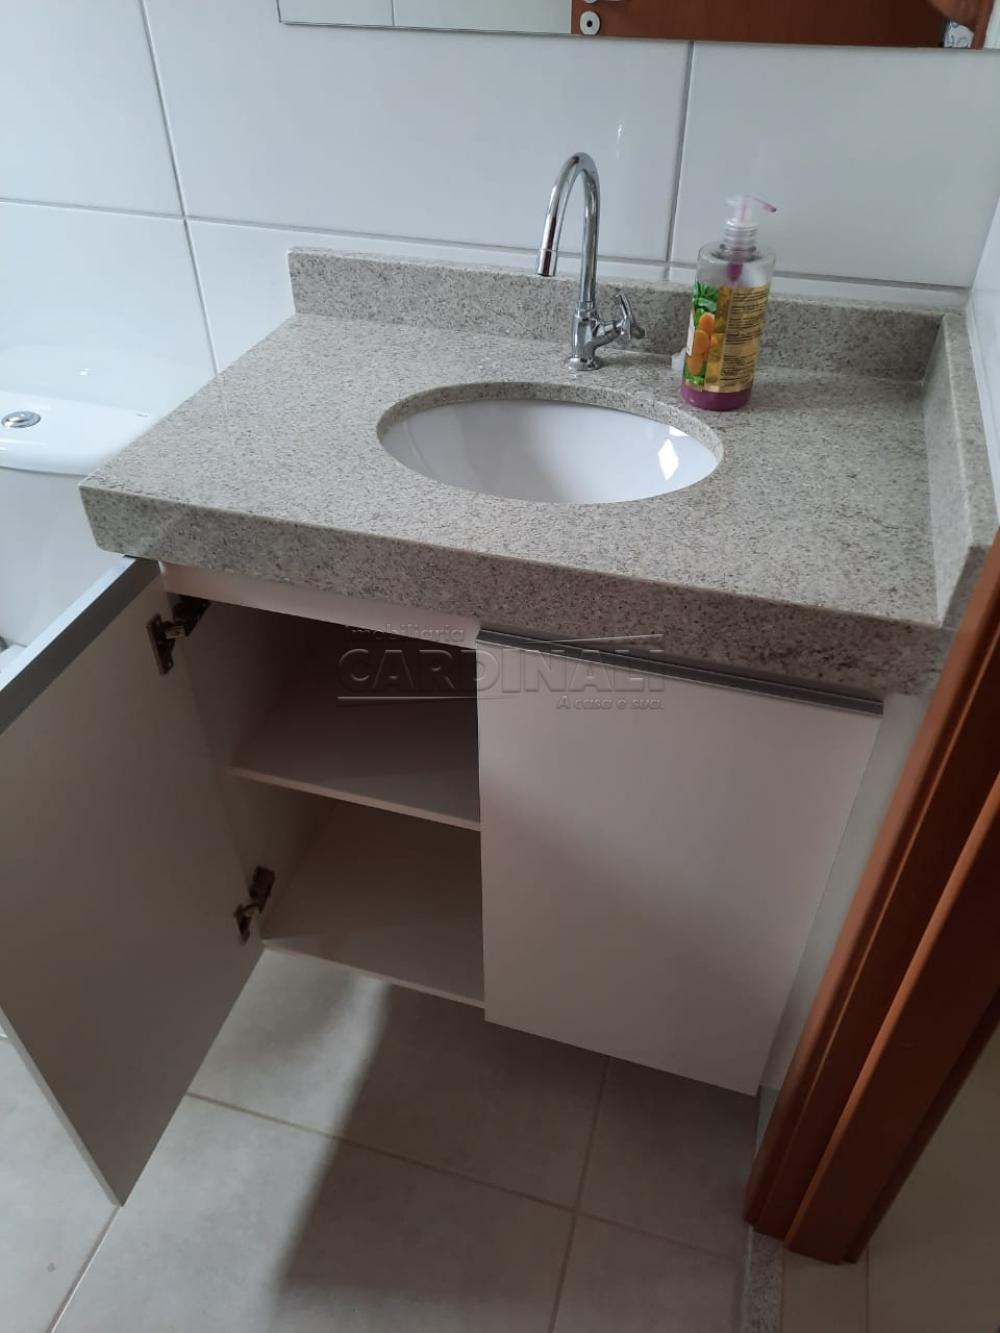 Alugar Apartamento / Padrão em São Carlos R$ 1.800,00 - Foto 39